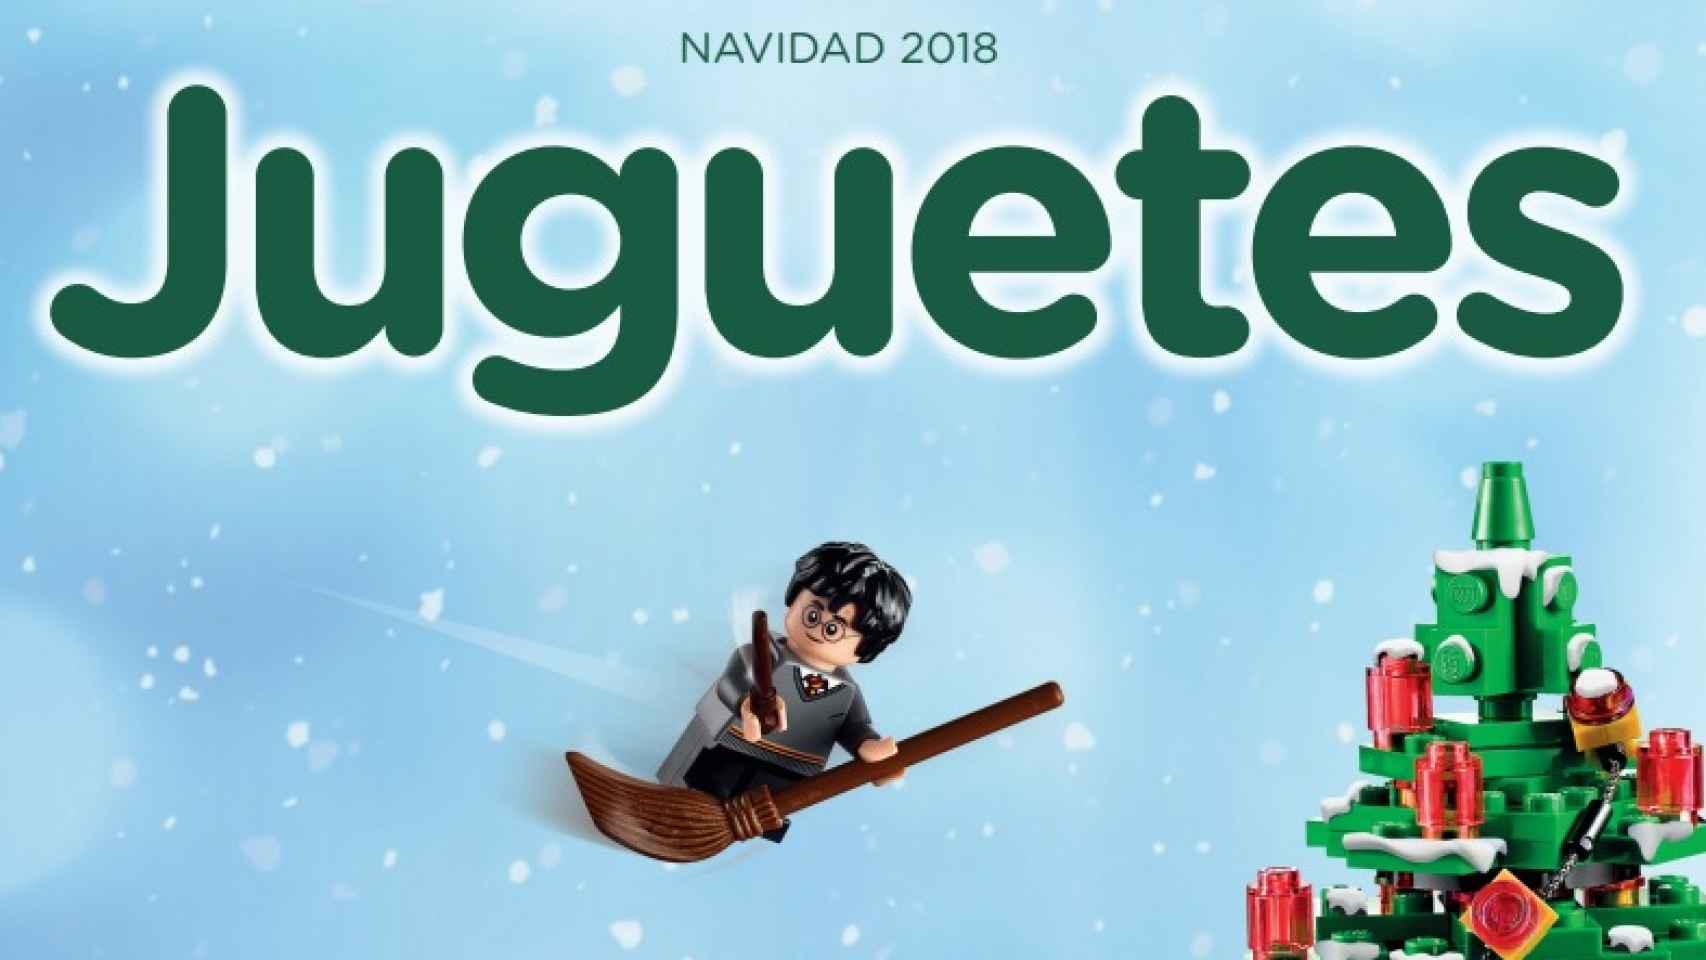 El catálogo de juguetes de El Corte Inglés.